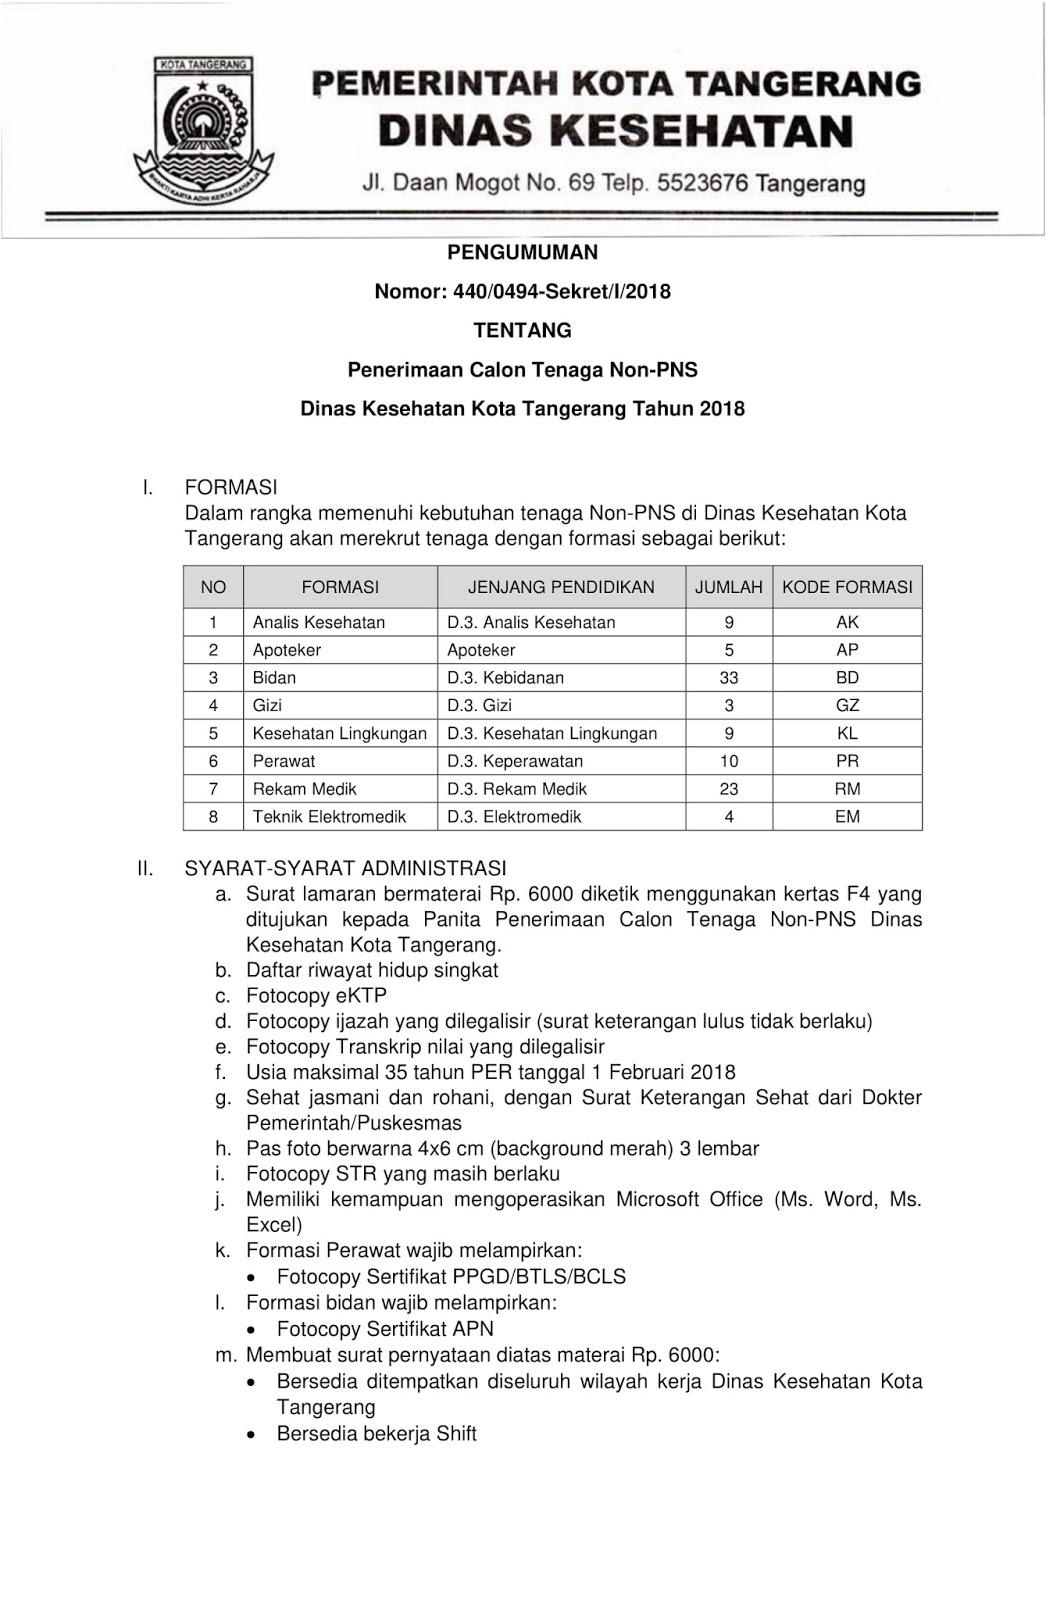 Lowongan Kerja  Rekrutmen Non PNS Dinas Kesehatan Tangerang Besar Besaran   [96 Formasi]  Oktober 2018